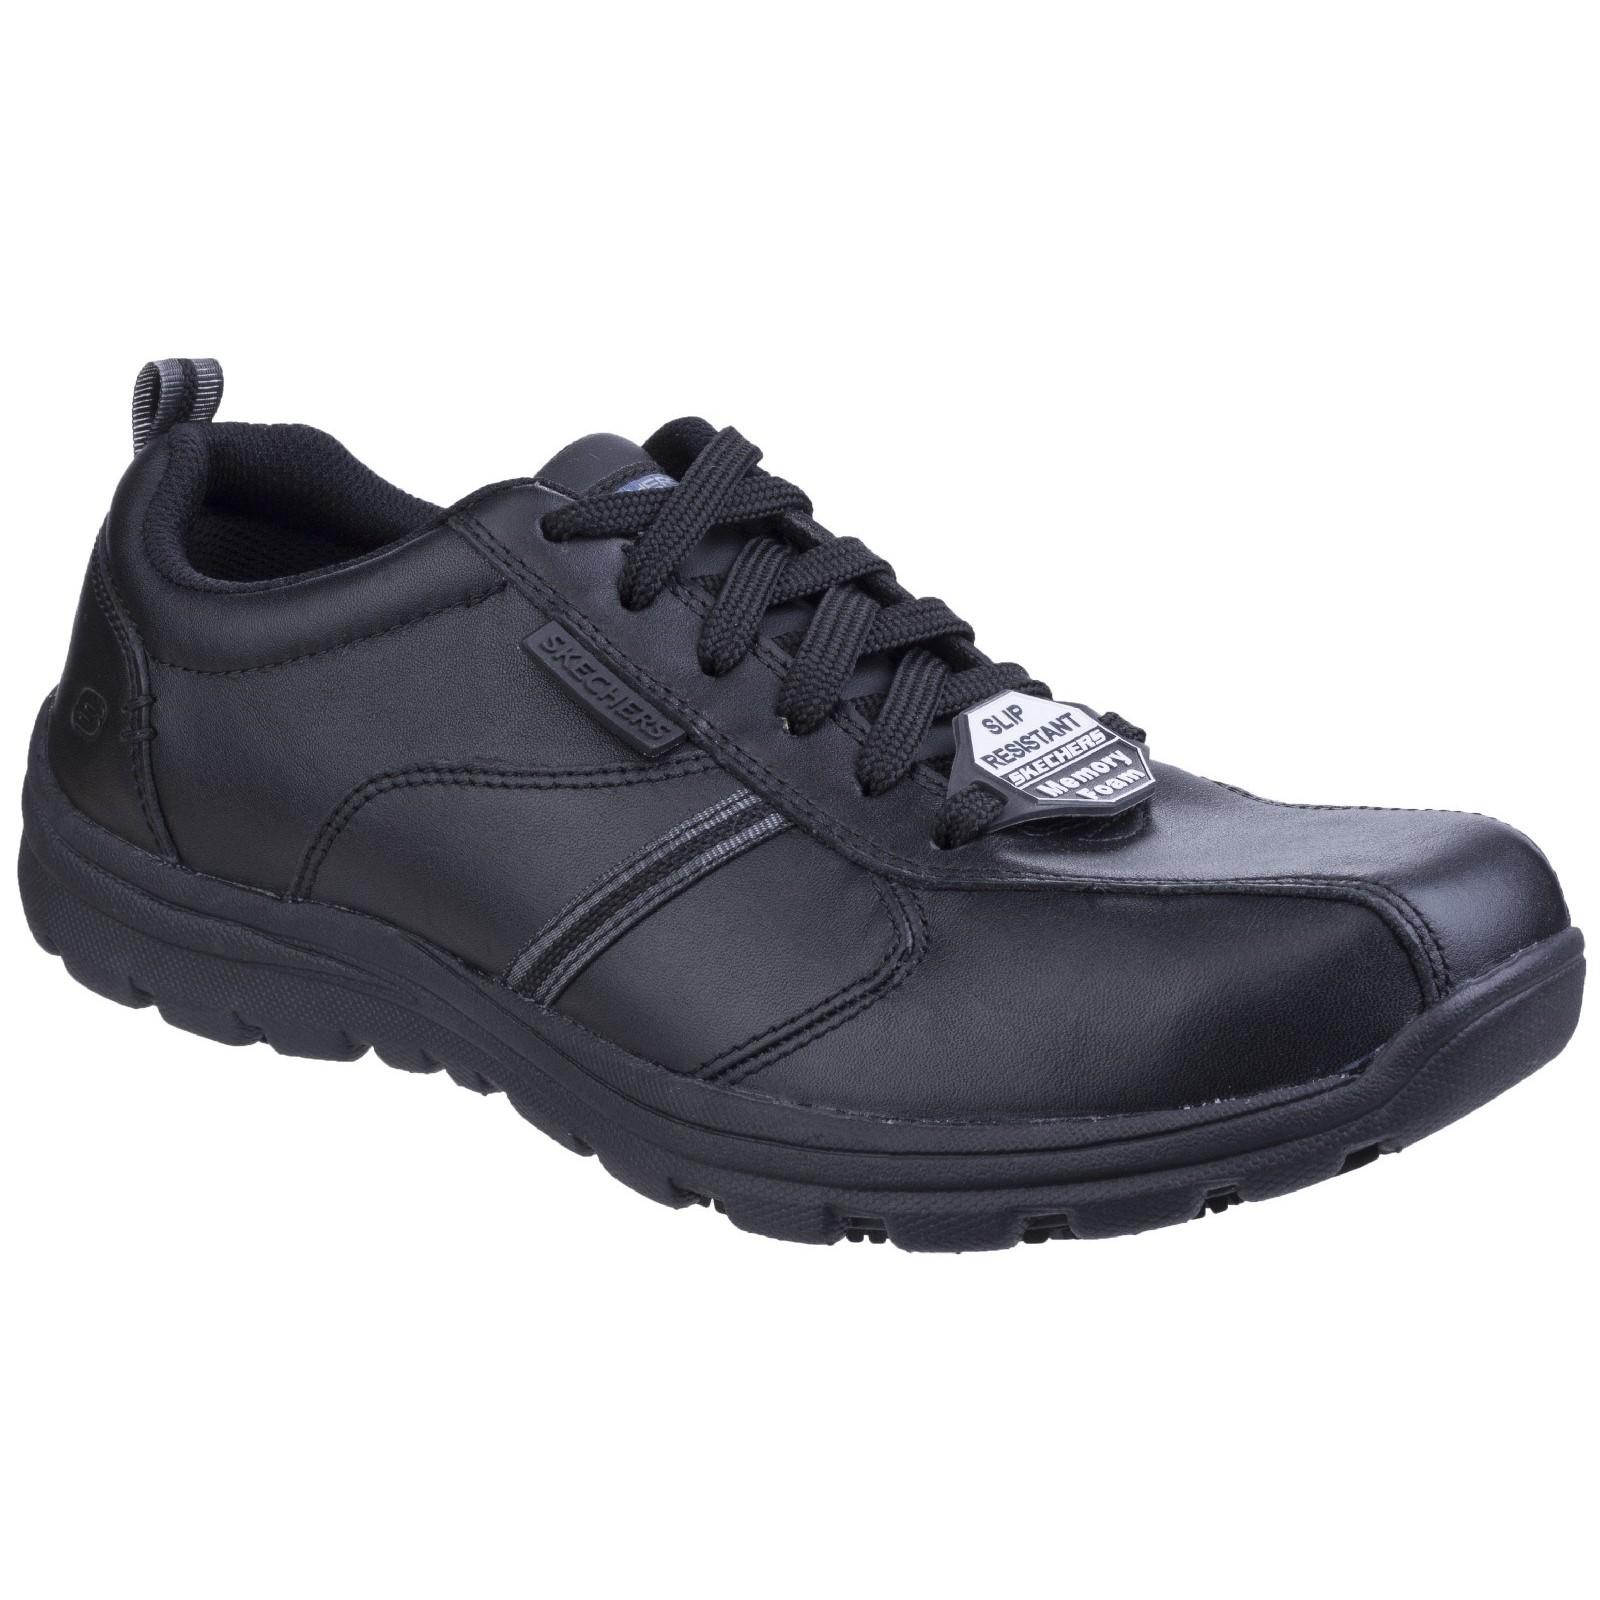 Skechers Mens Hobber Frat Slip Resistant Lace Up Work shoes